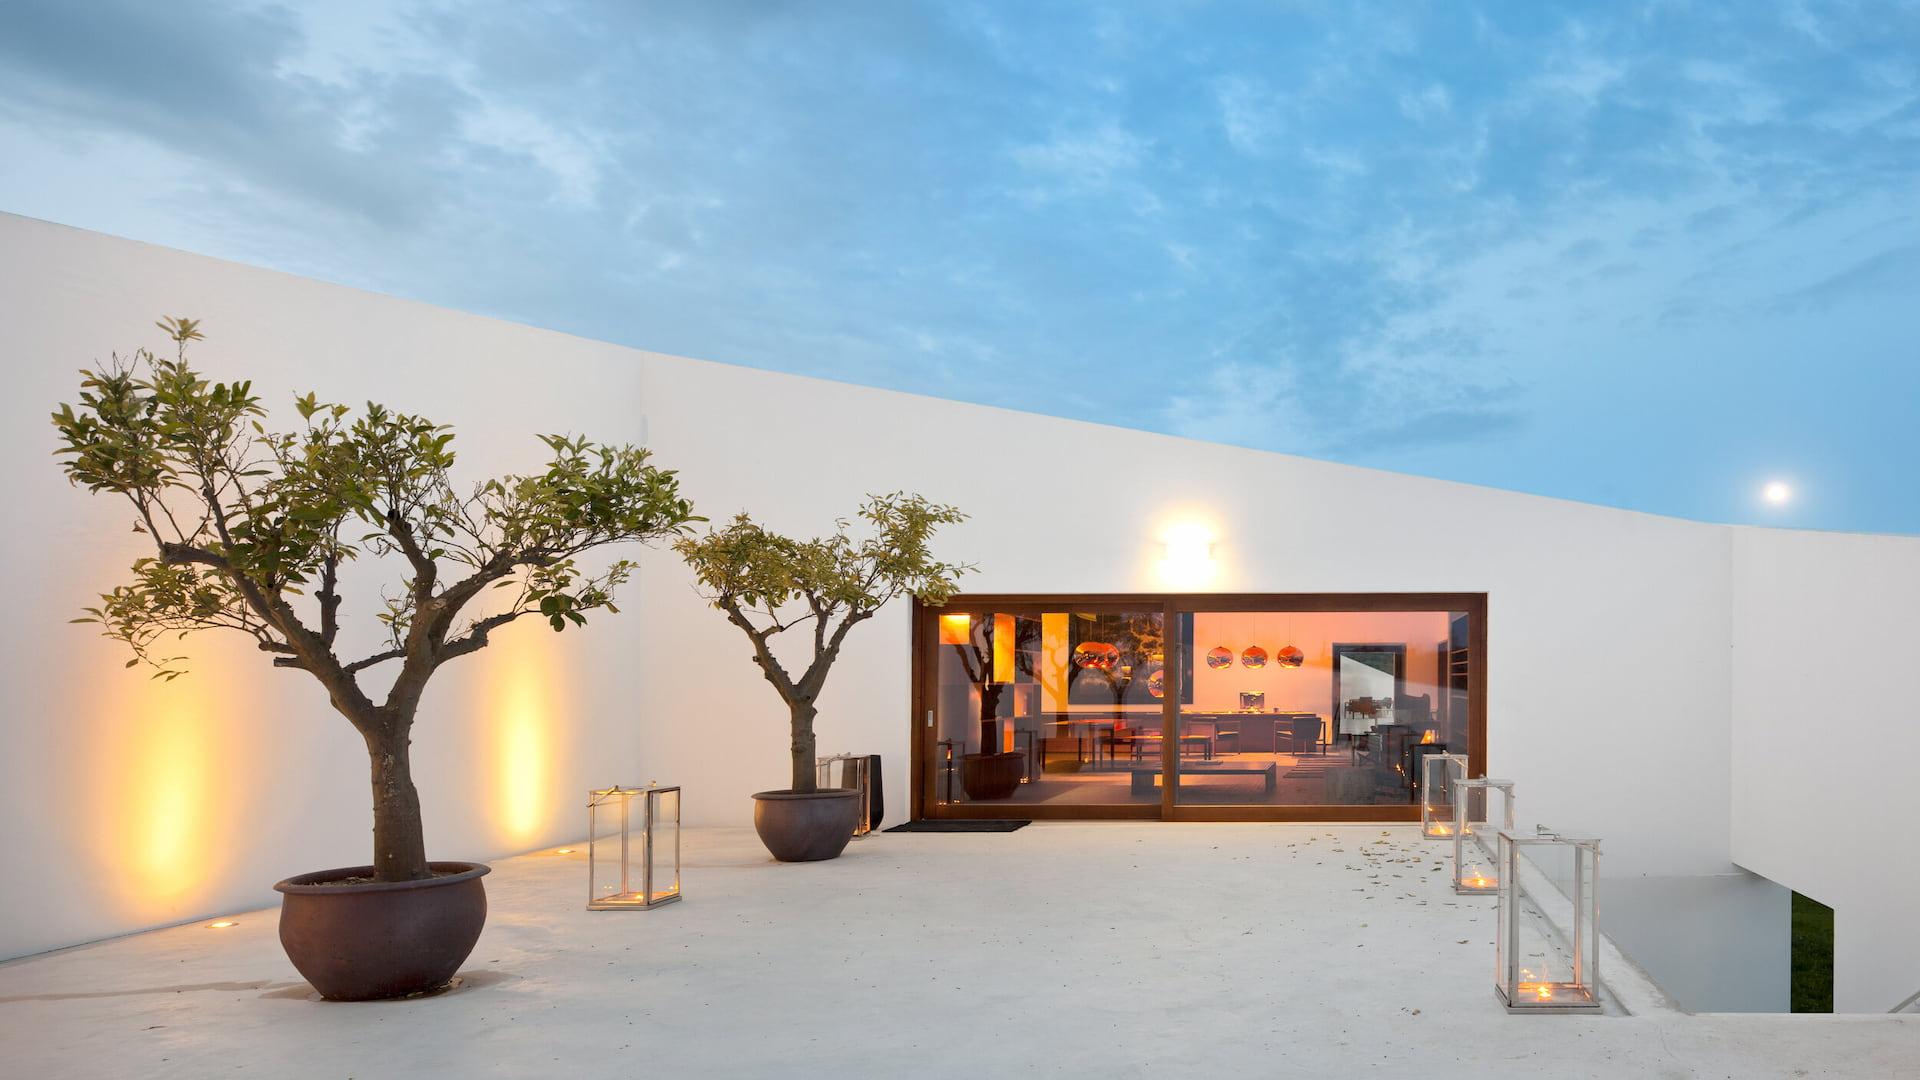 L'AND Vineyards Resort viaggio di nozze Portogallo 2